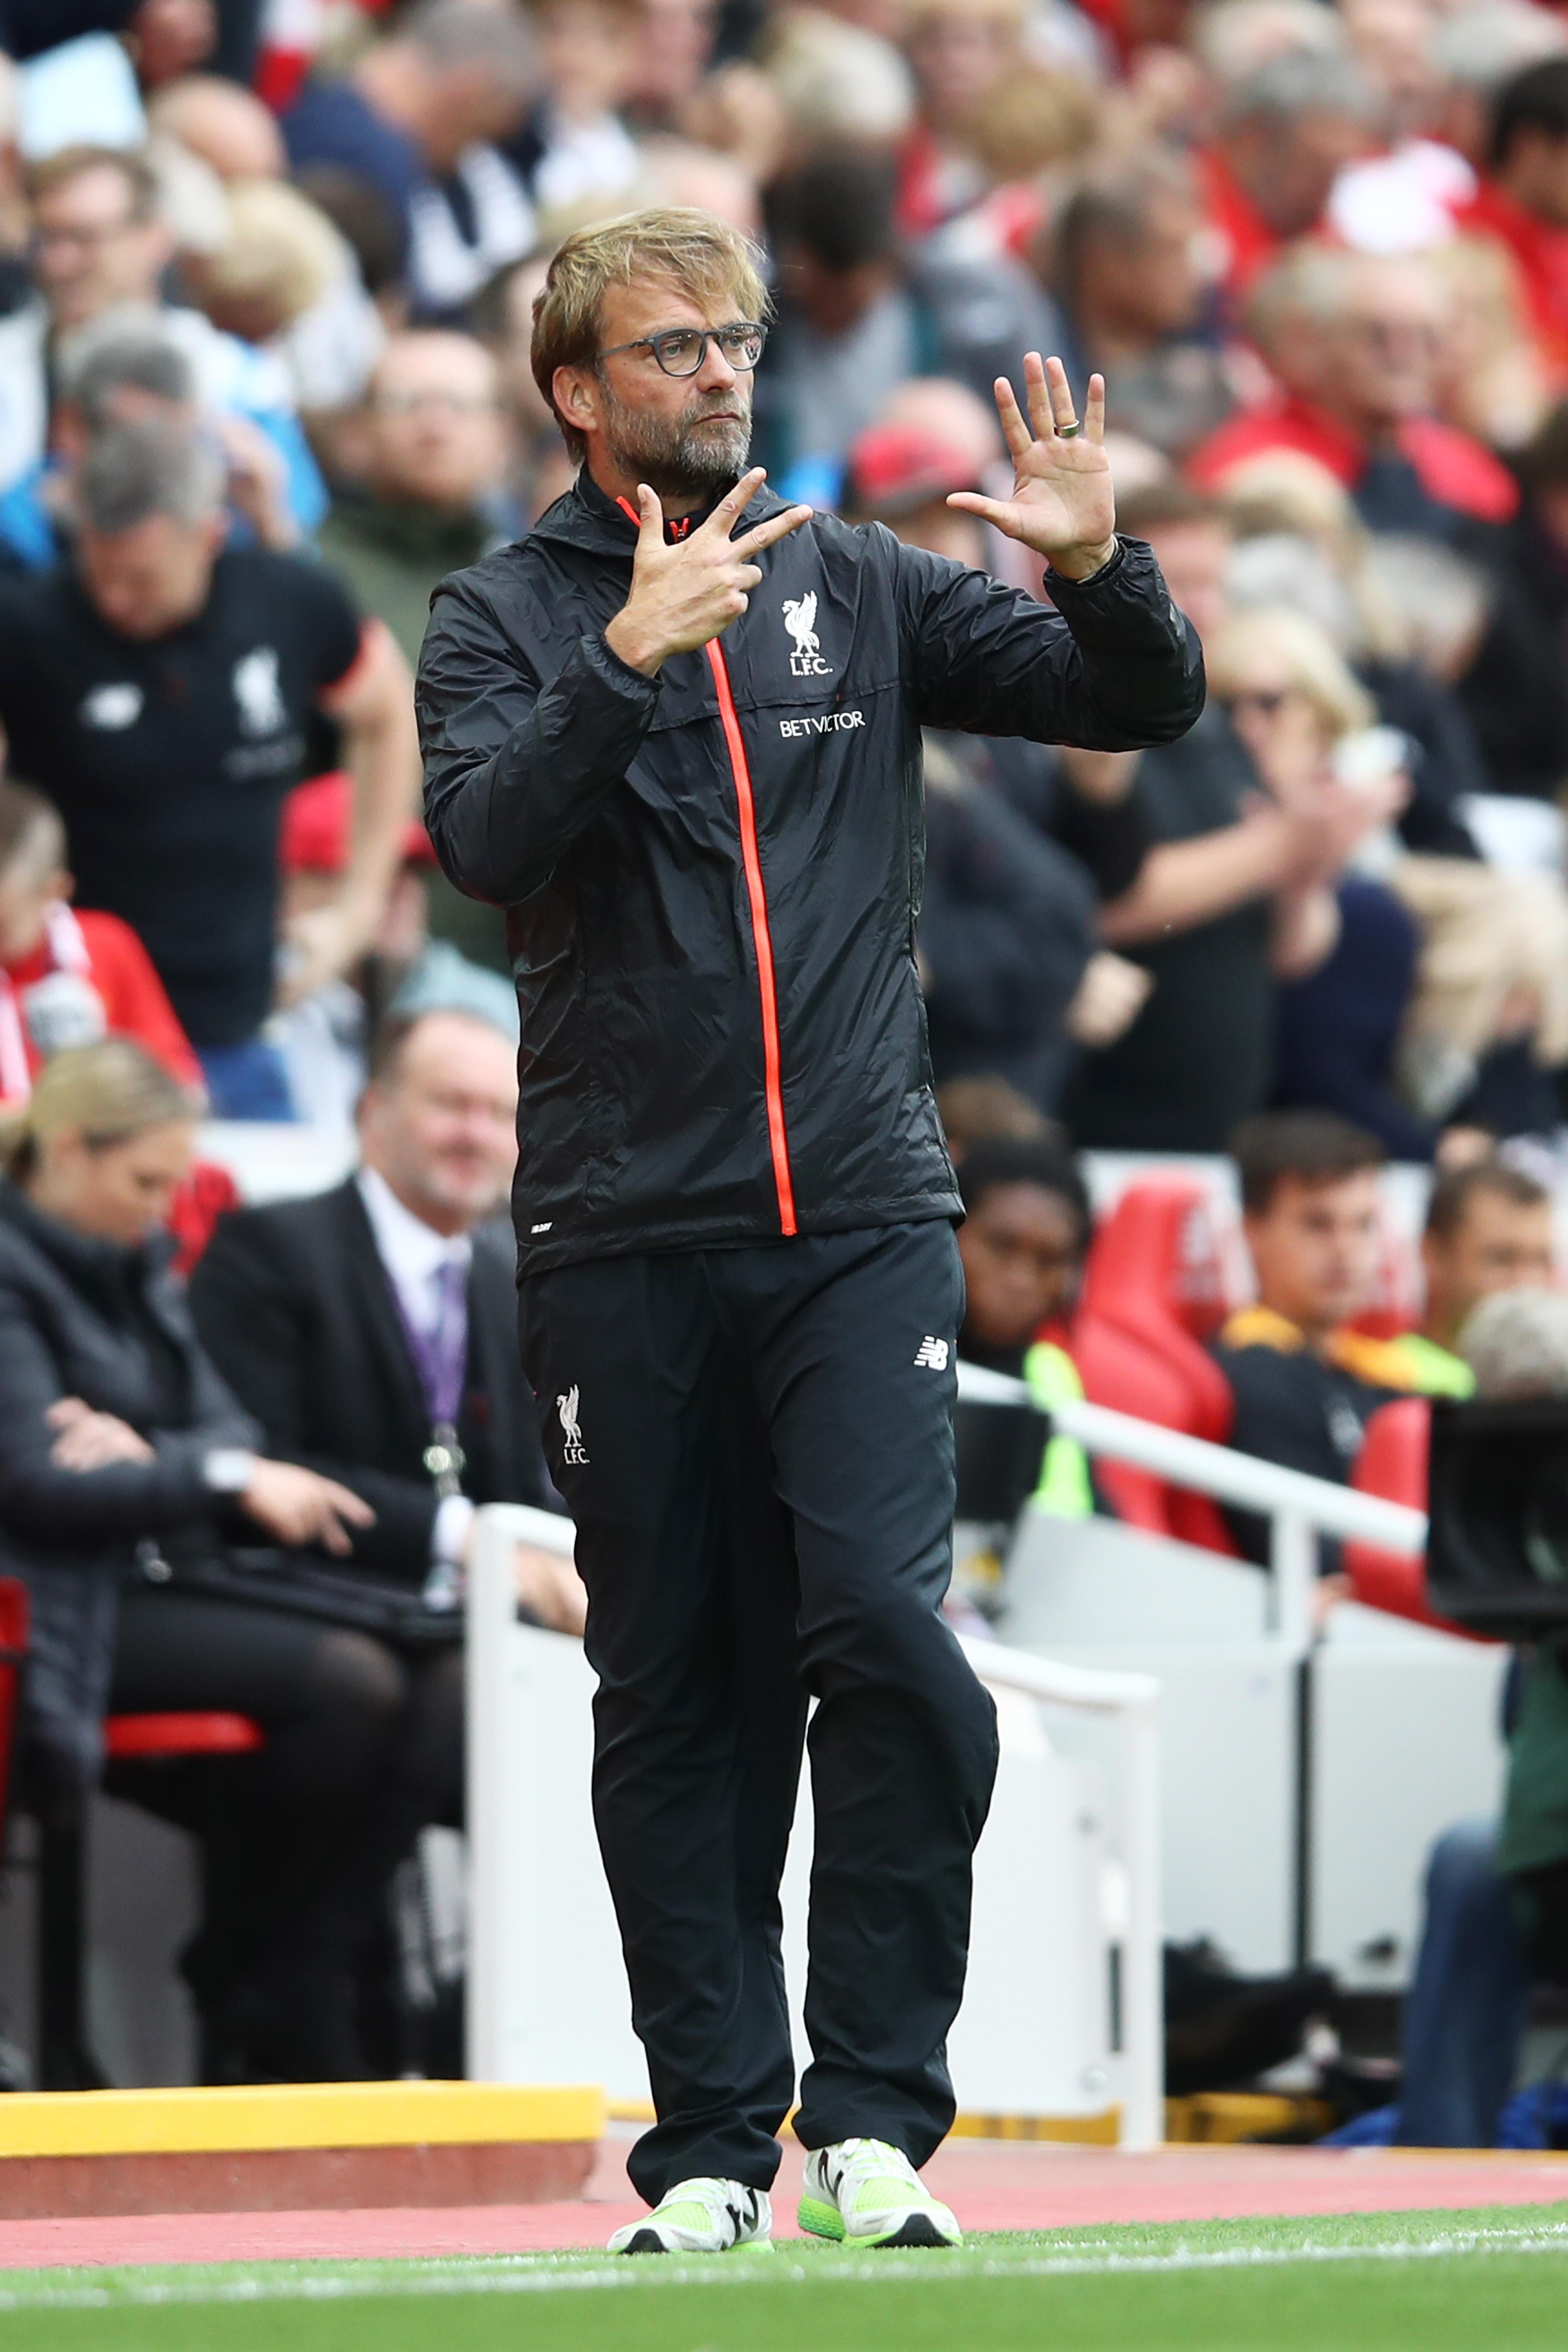 Image Result For Vivo Liverpool Vs Arsenal Streaming En Vivo On Youtube